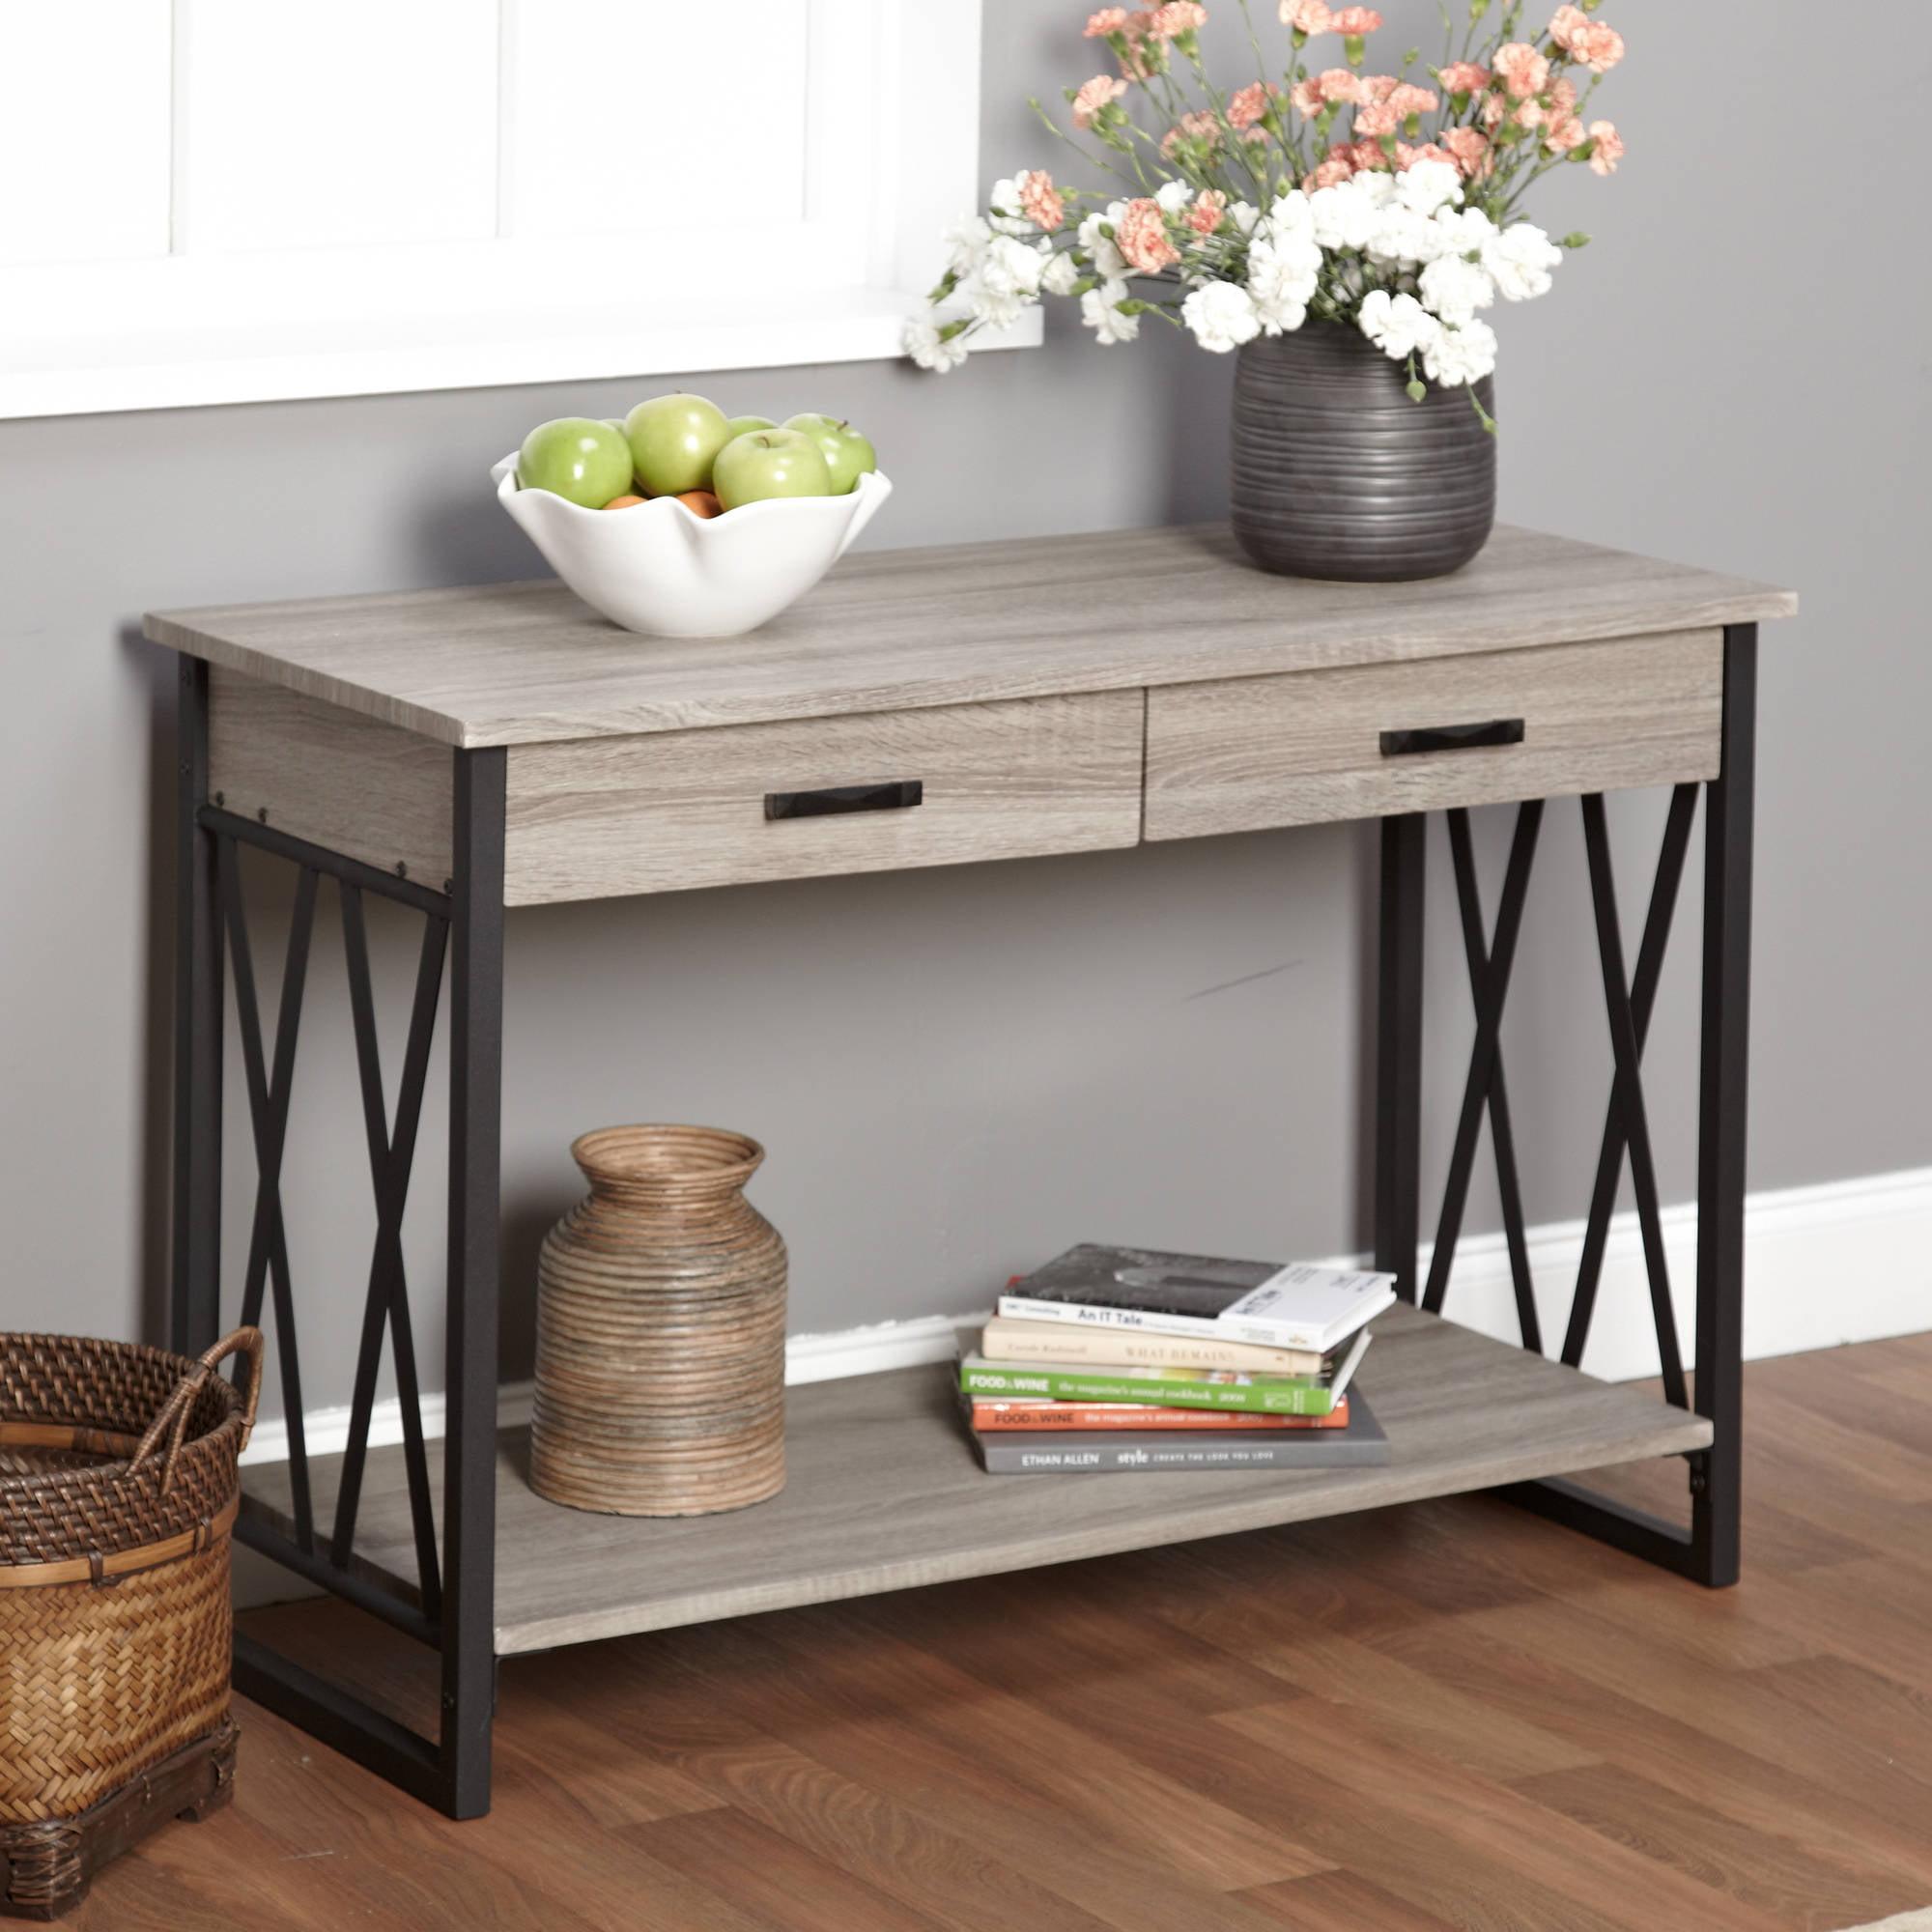 Superb Convenience Concepts Newport Console Table With Shelf Espresso Inspirational Interior Design Netriciaus